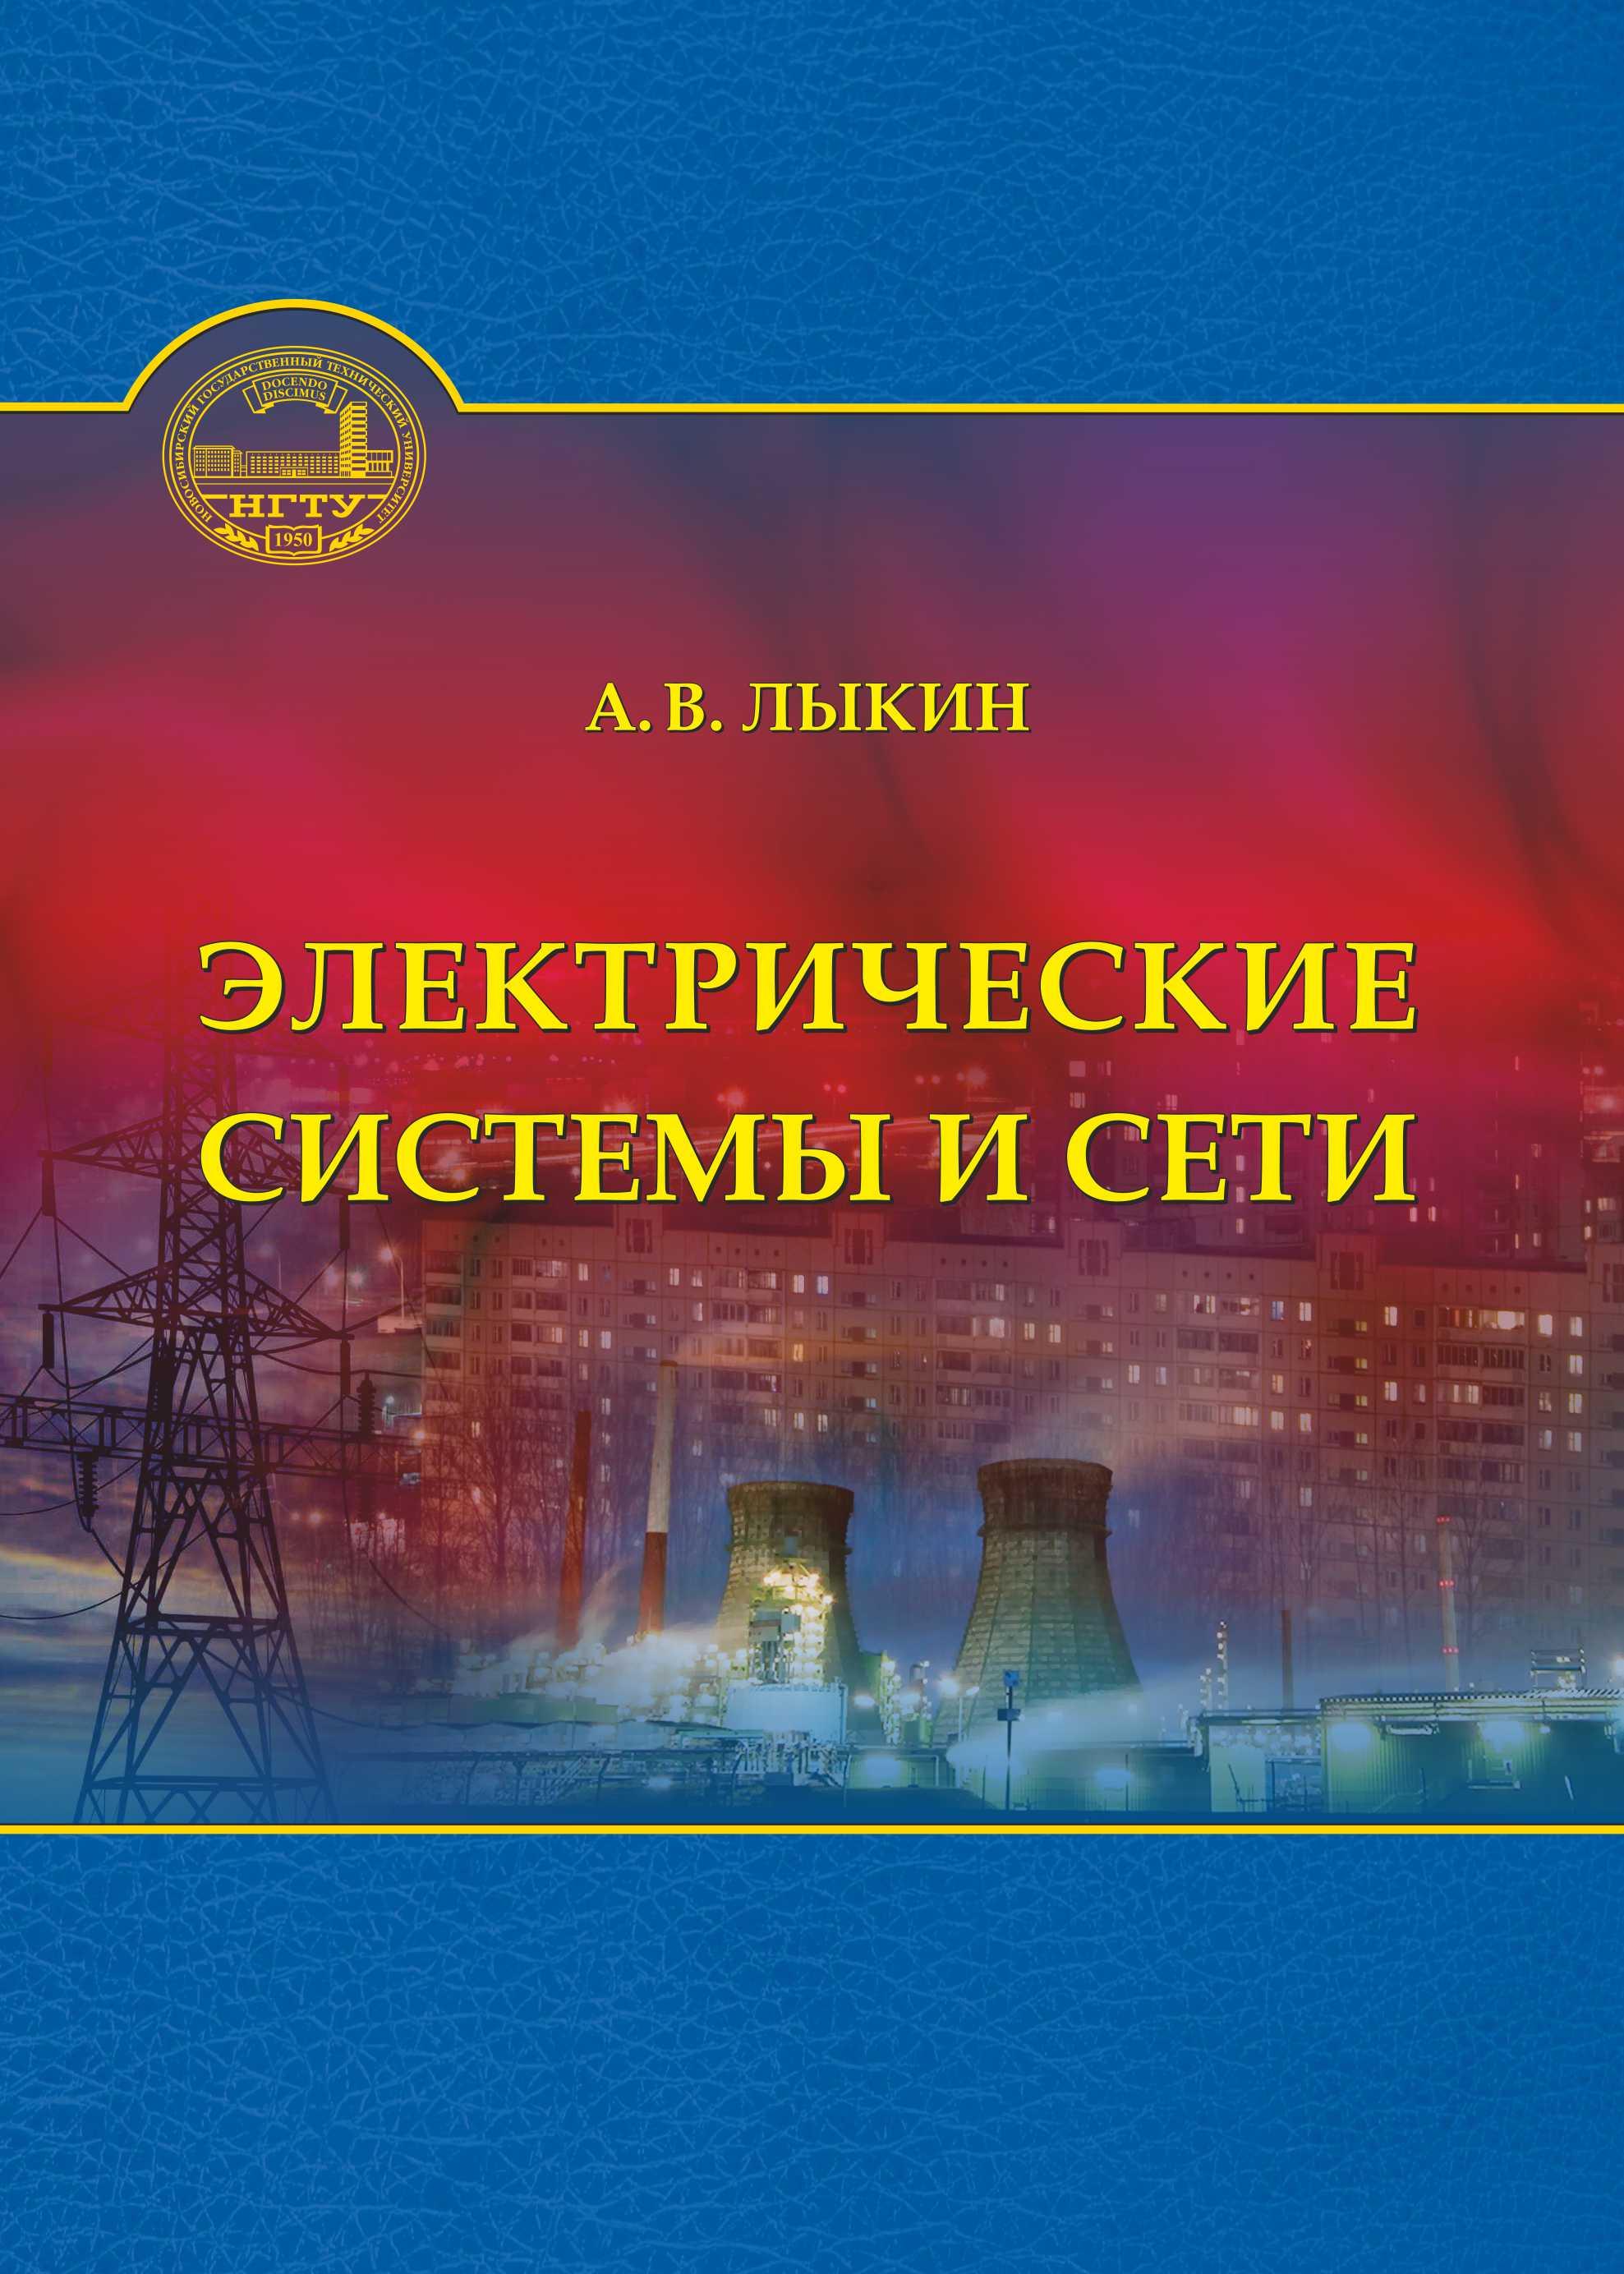 А. В. Лыкин Электрические системы и сети цена